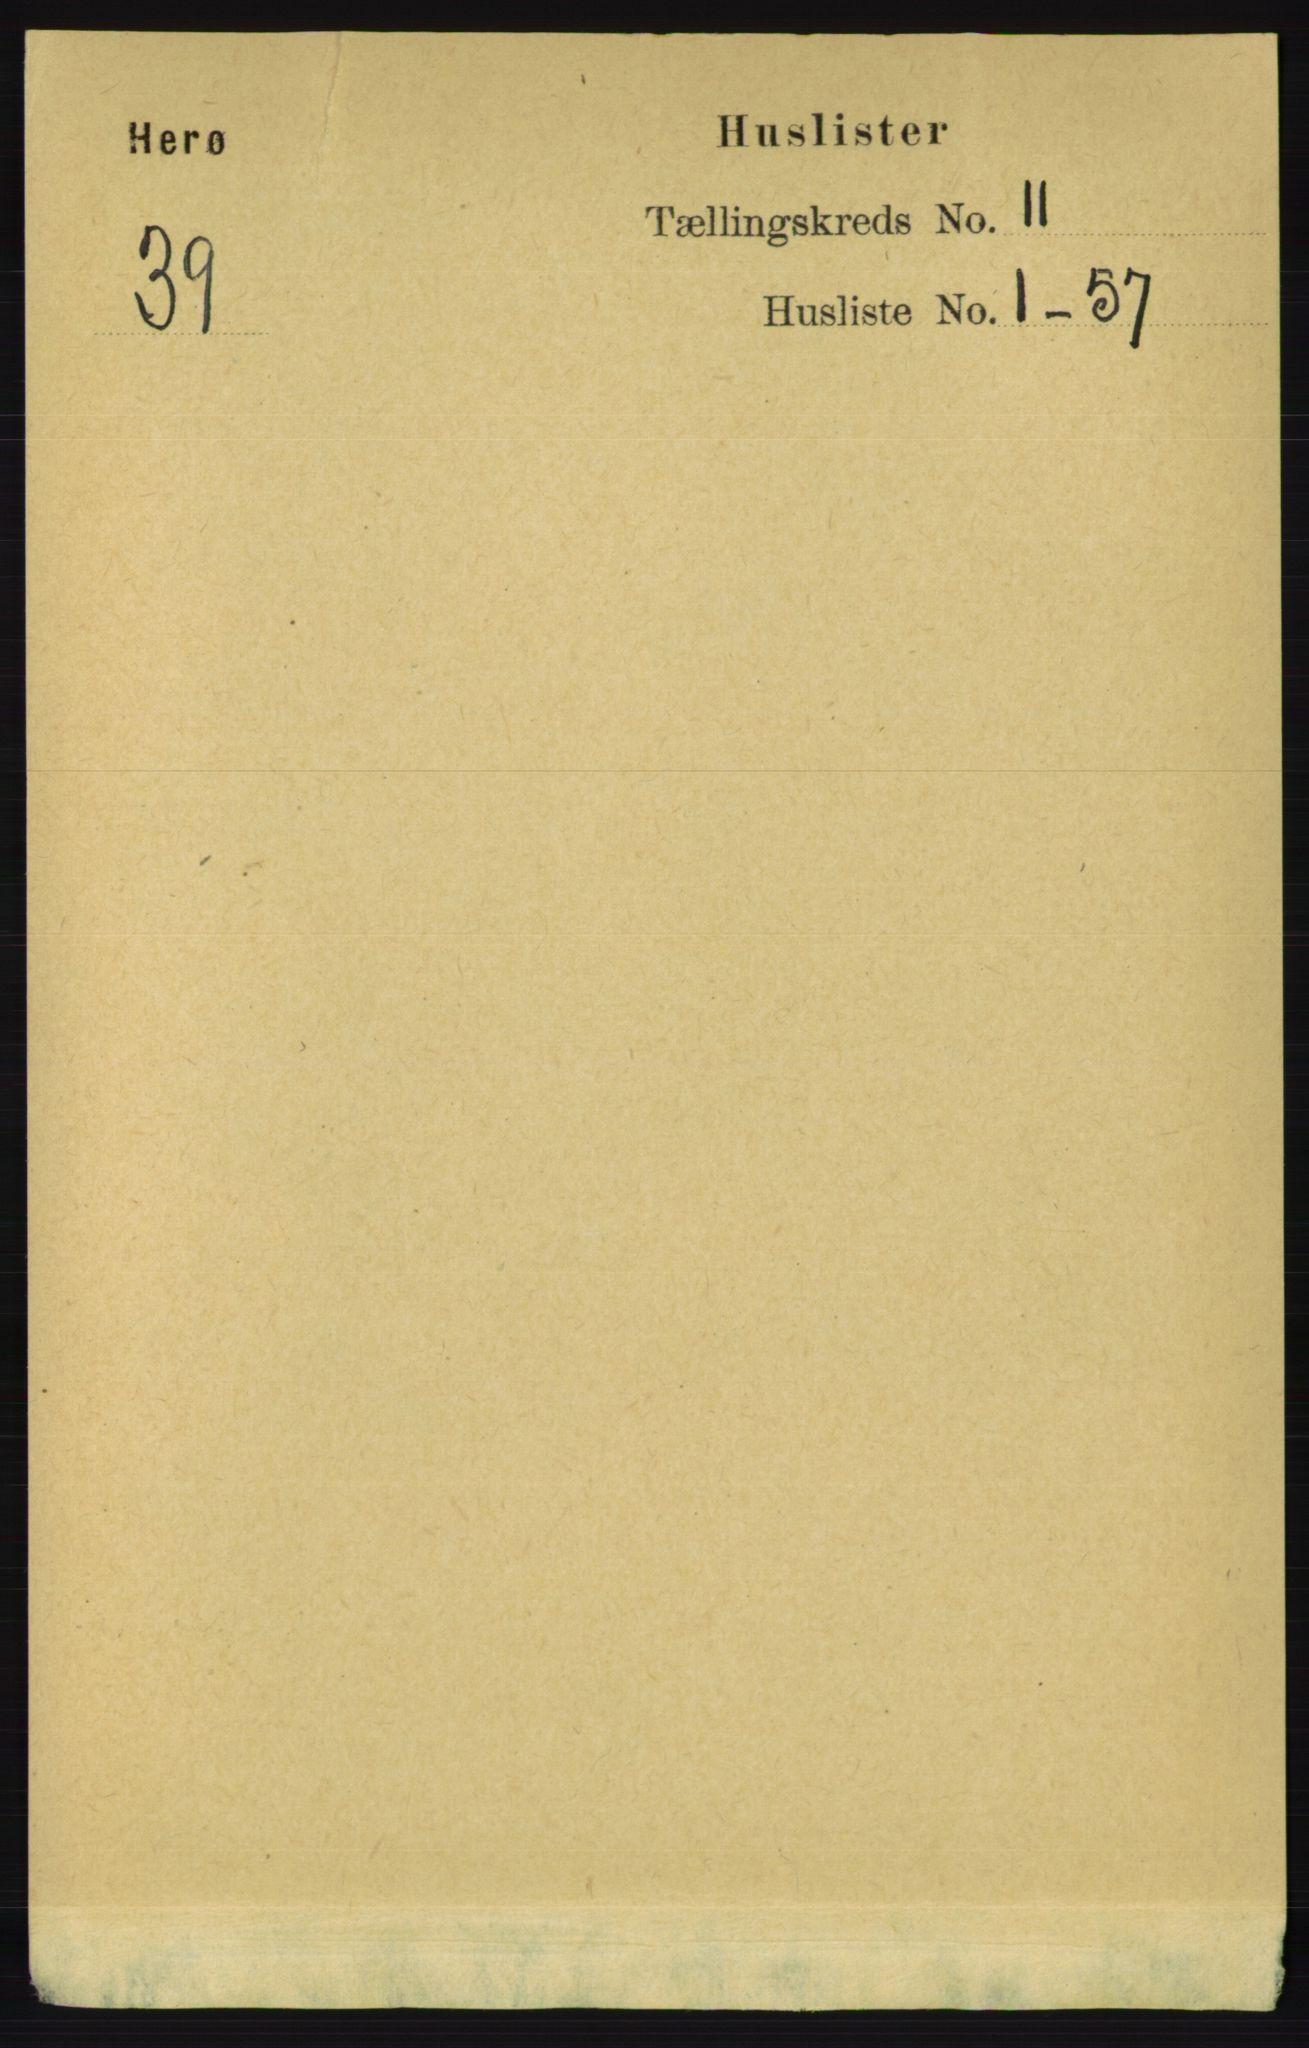 RA, Folketelling 1891 for 1818 Herøy herred, 1891, s. 4290